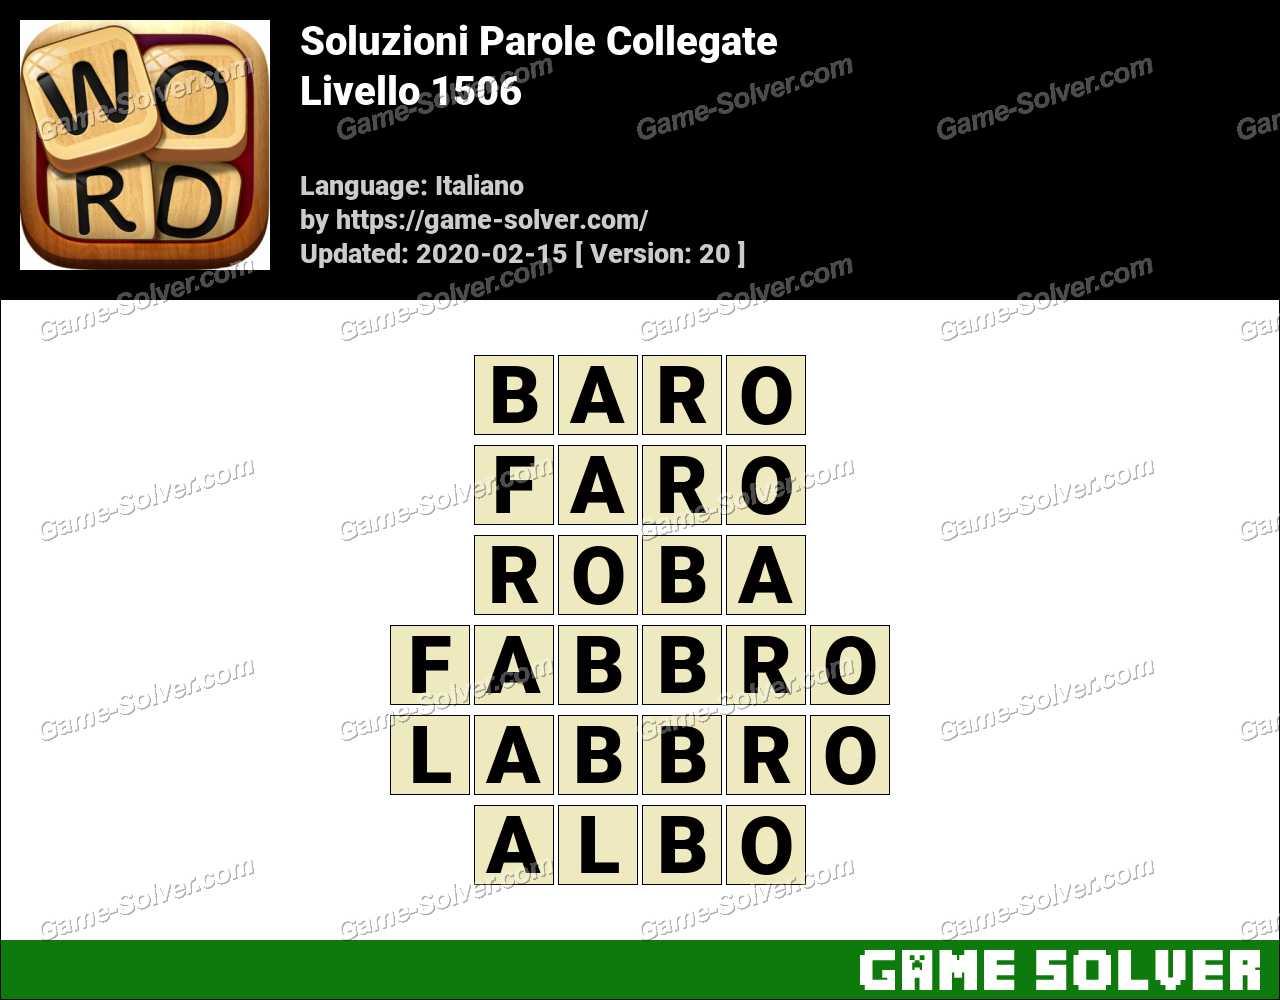 Soluzioni Parole Collegate Livello 1506